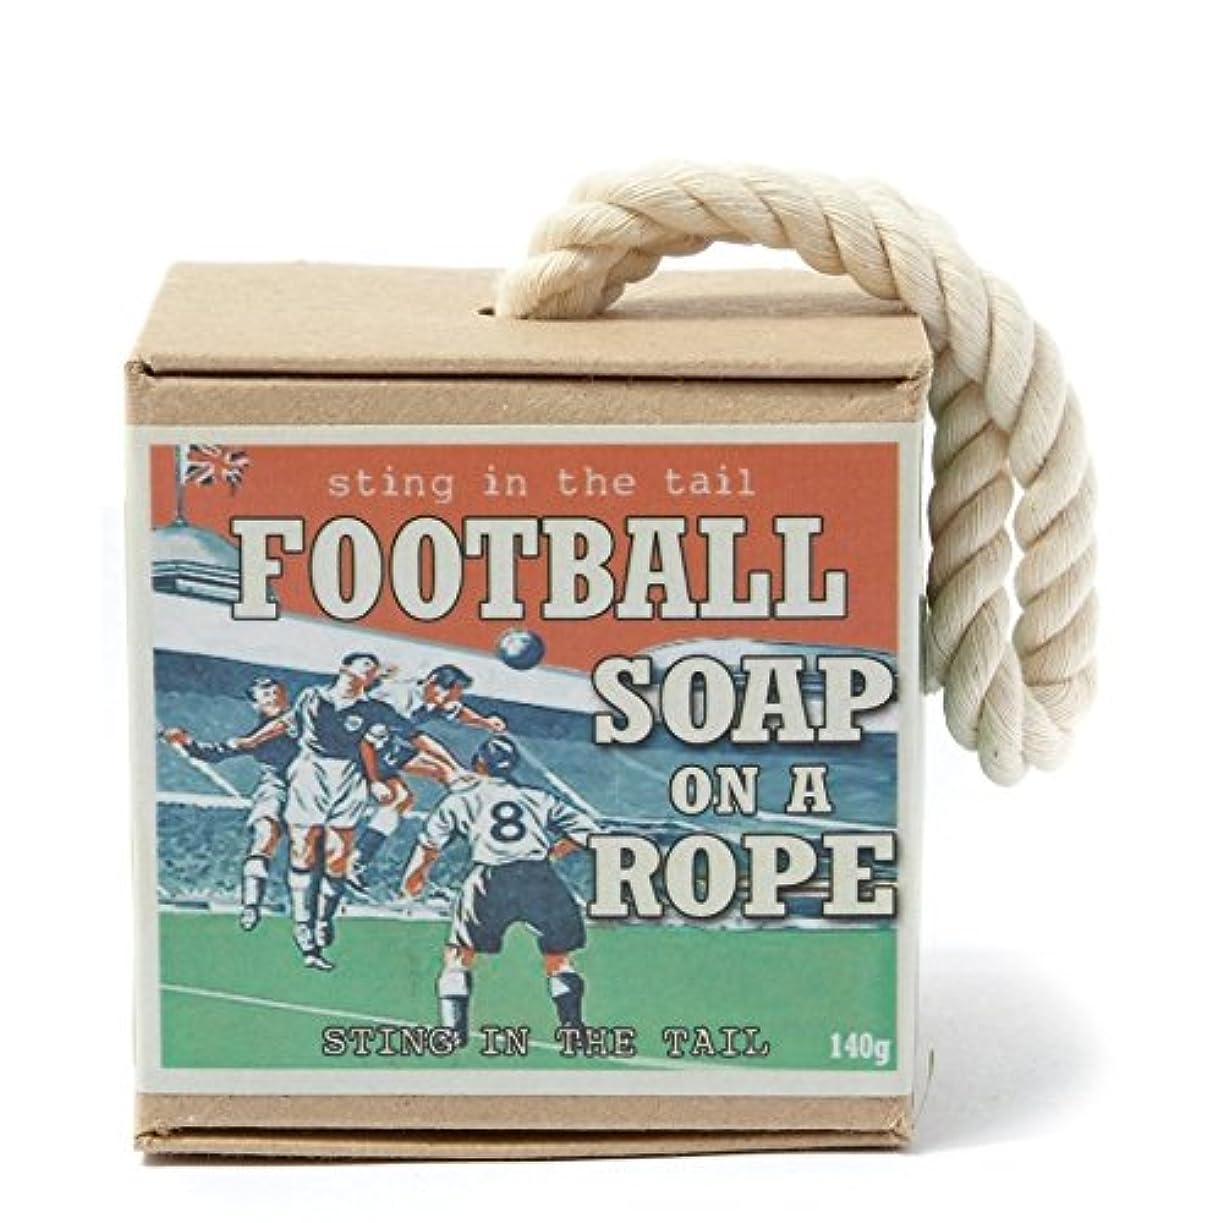 性能きらめくカリングロープ石鹸のテールサッカーで刺します x4 - Sting In The Tail Football on a Rope Soap (Pack of 4) [並行輸入品]